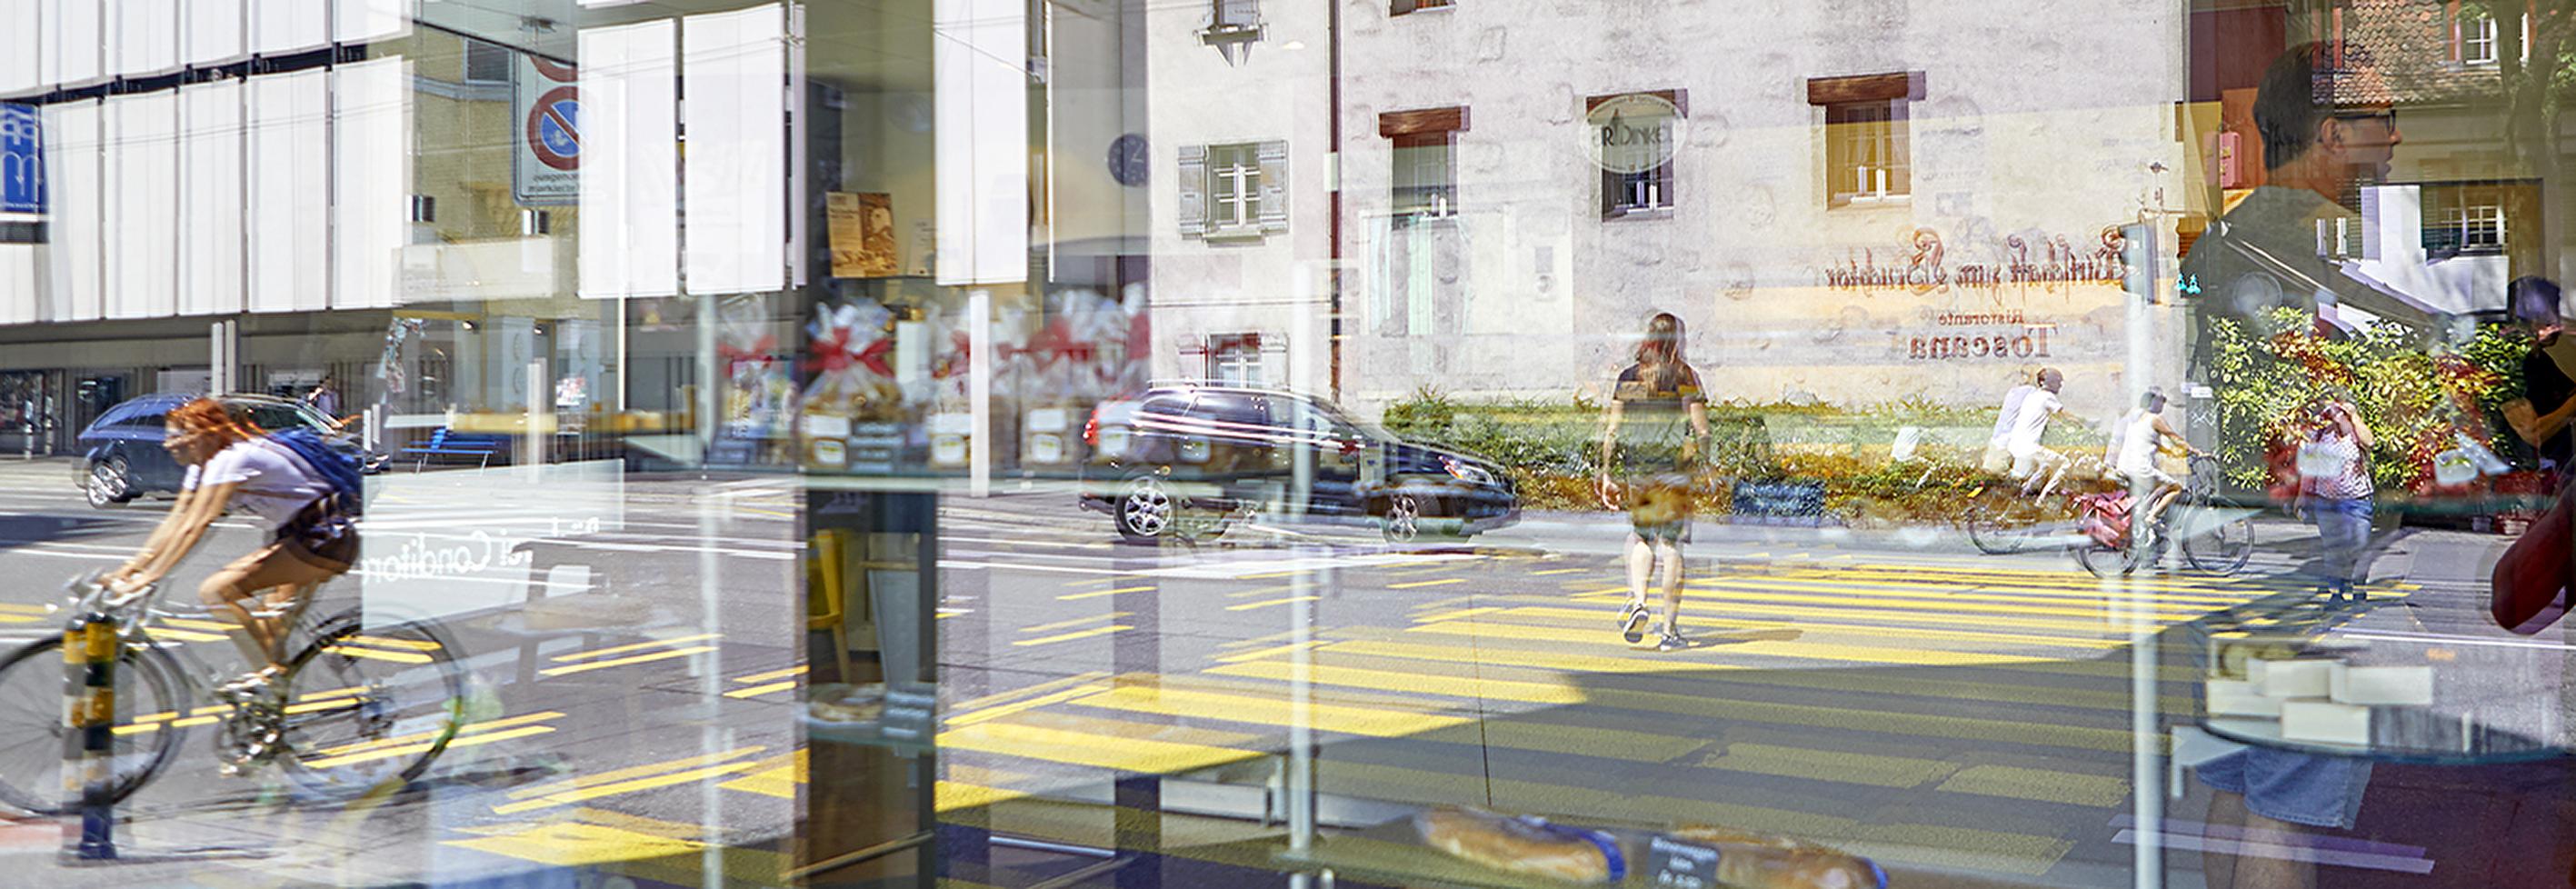 Zebrastreifen durch Scheibe fotografiert